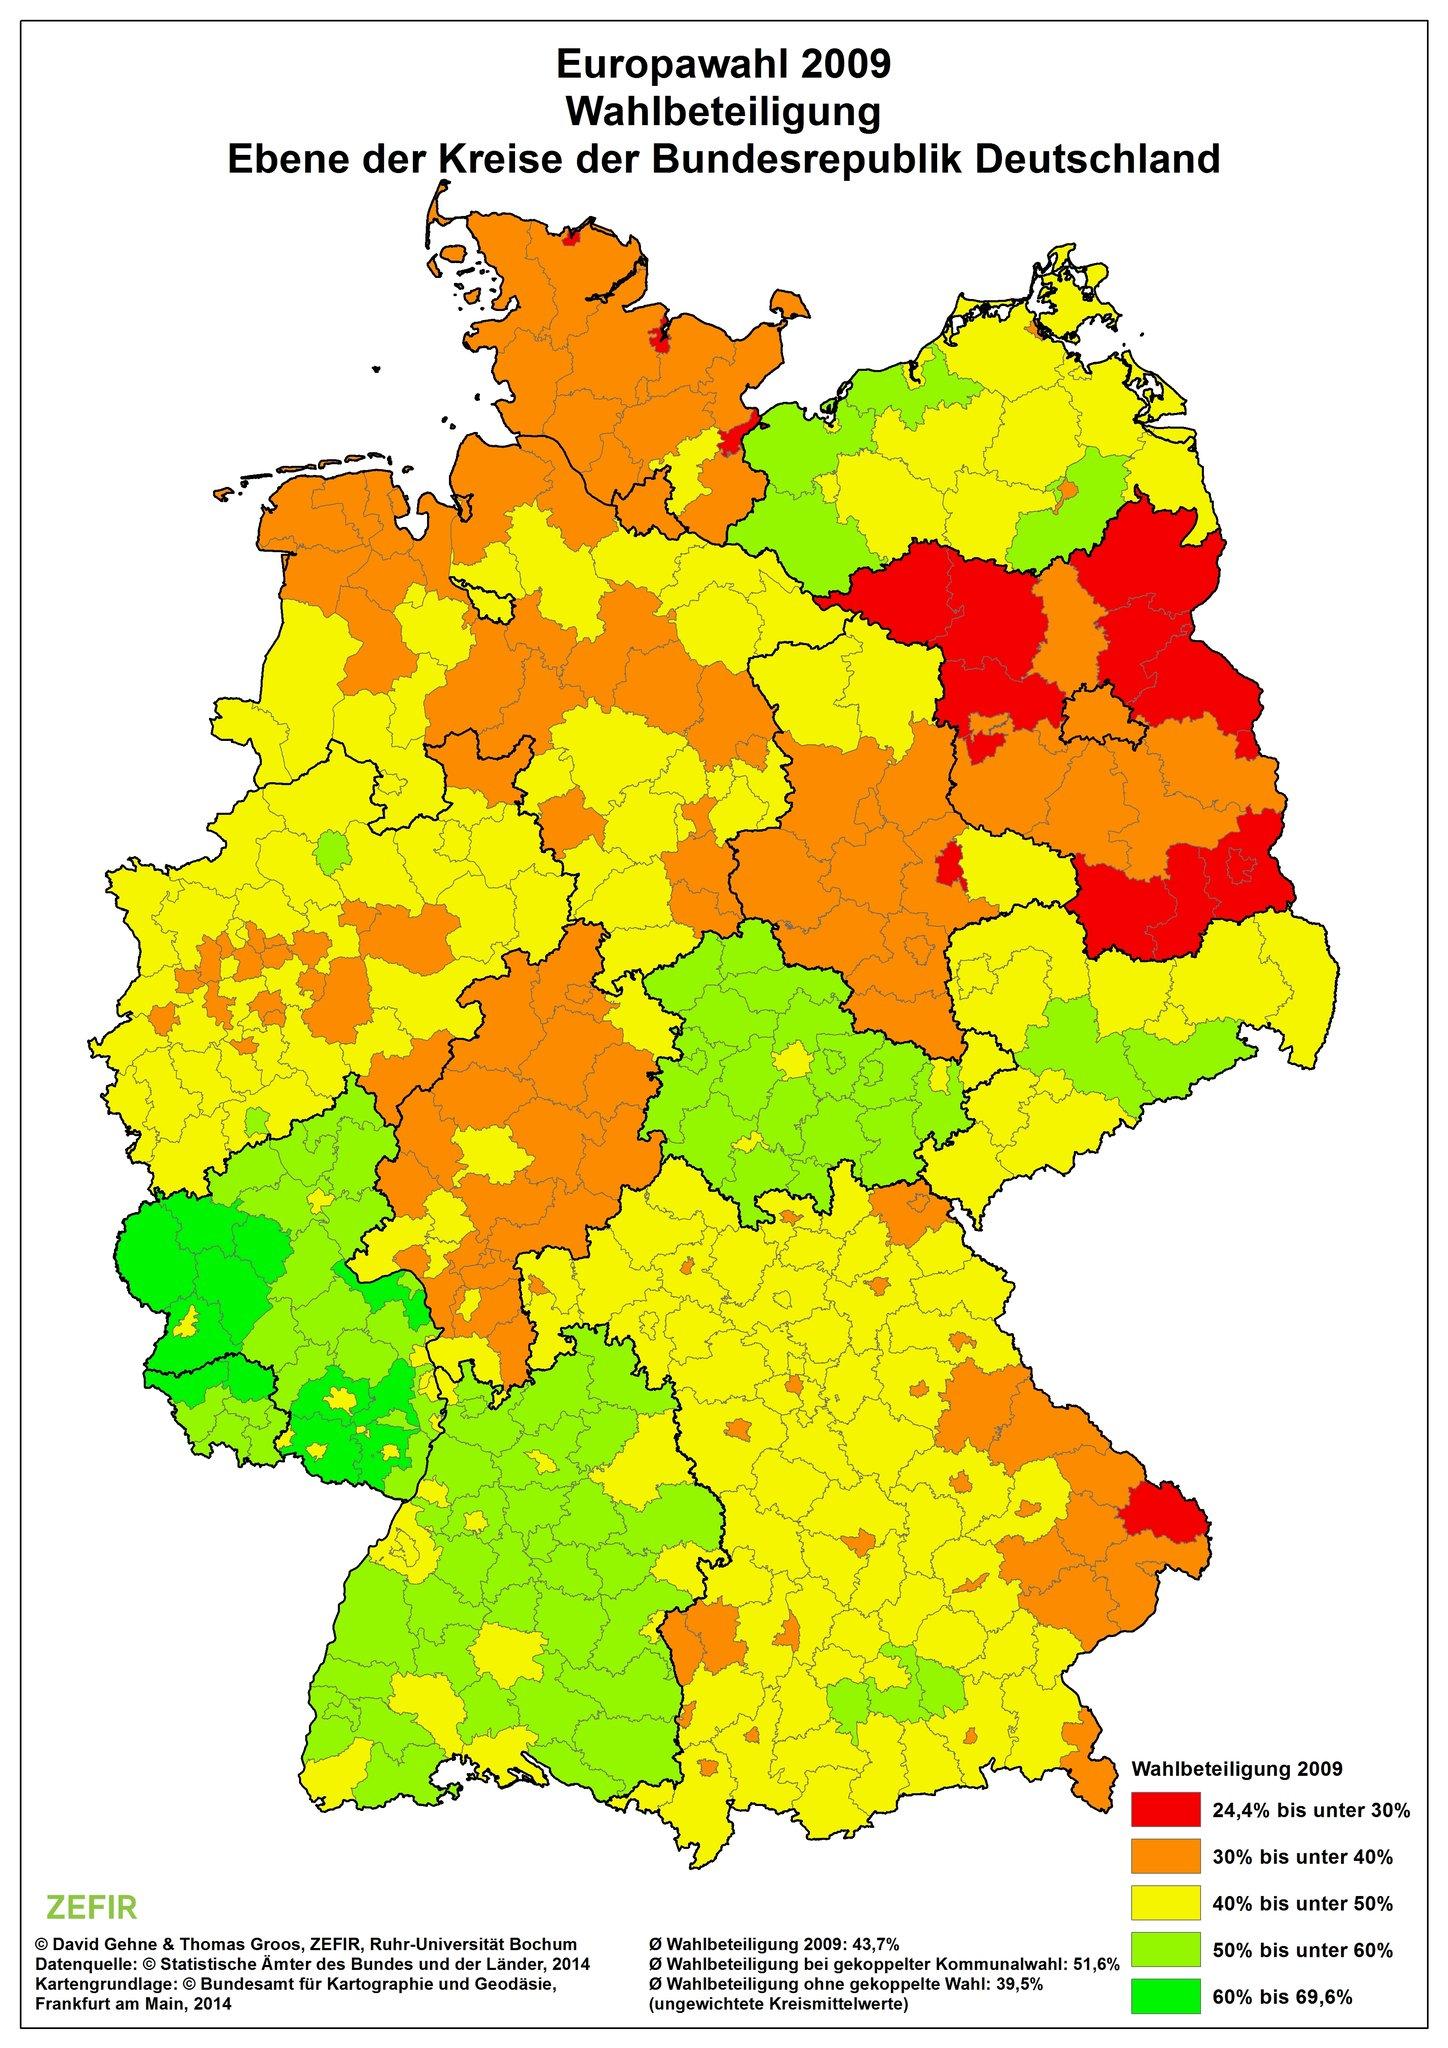 Frankfurt Karte Europa.Europa Zieht Nicht Kommunalwahlen Stützen Eu Wahlbeteiligung Bochum